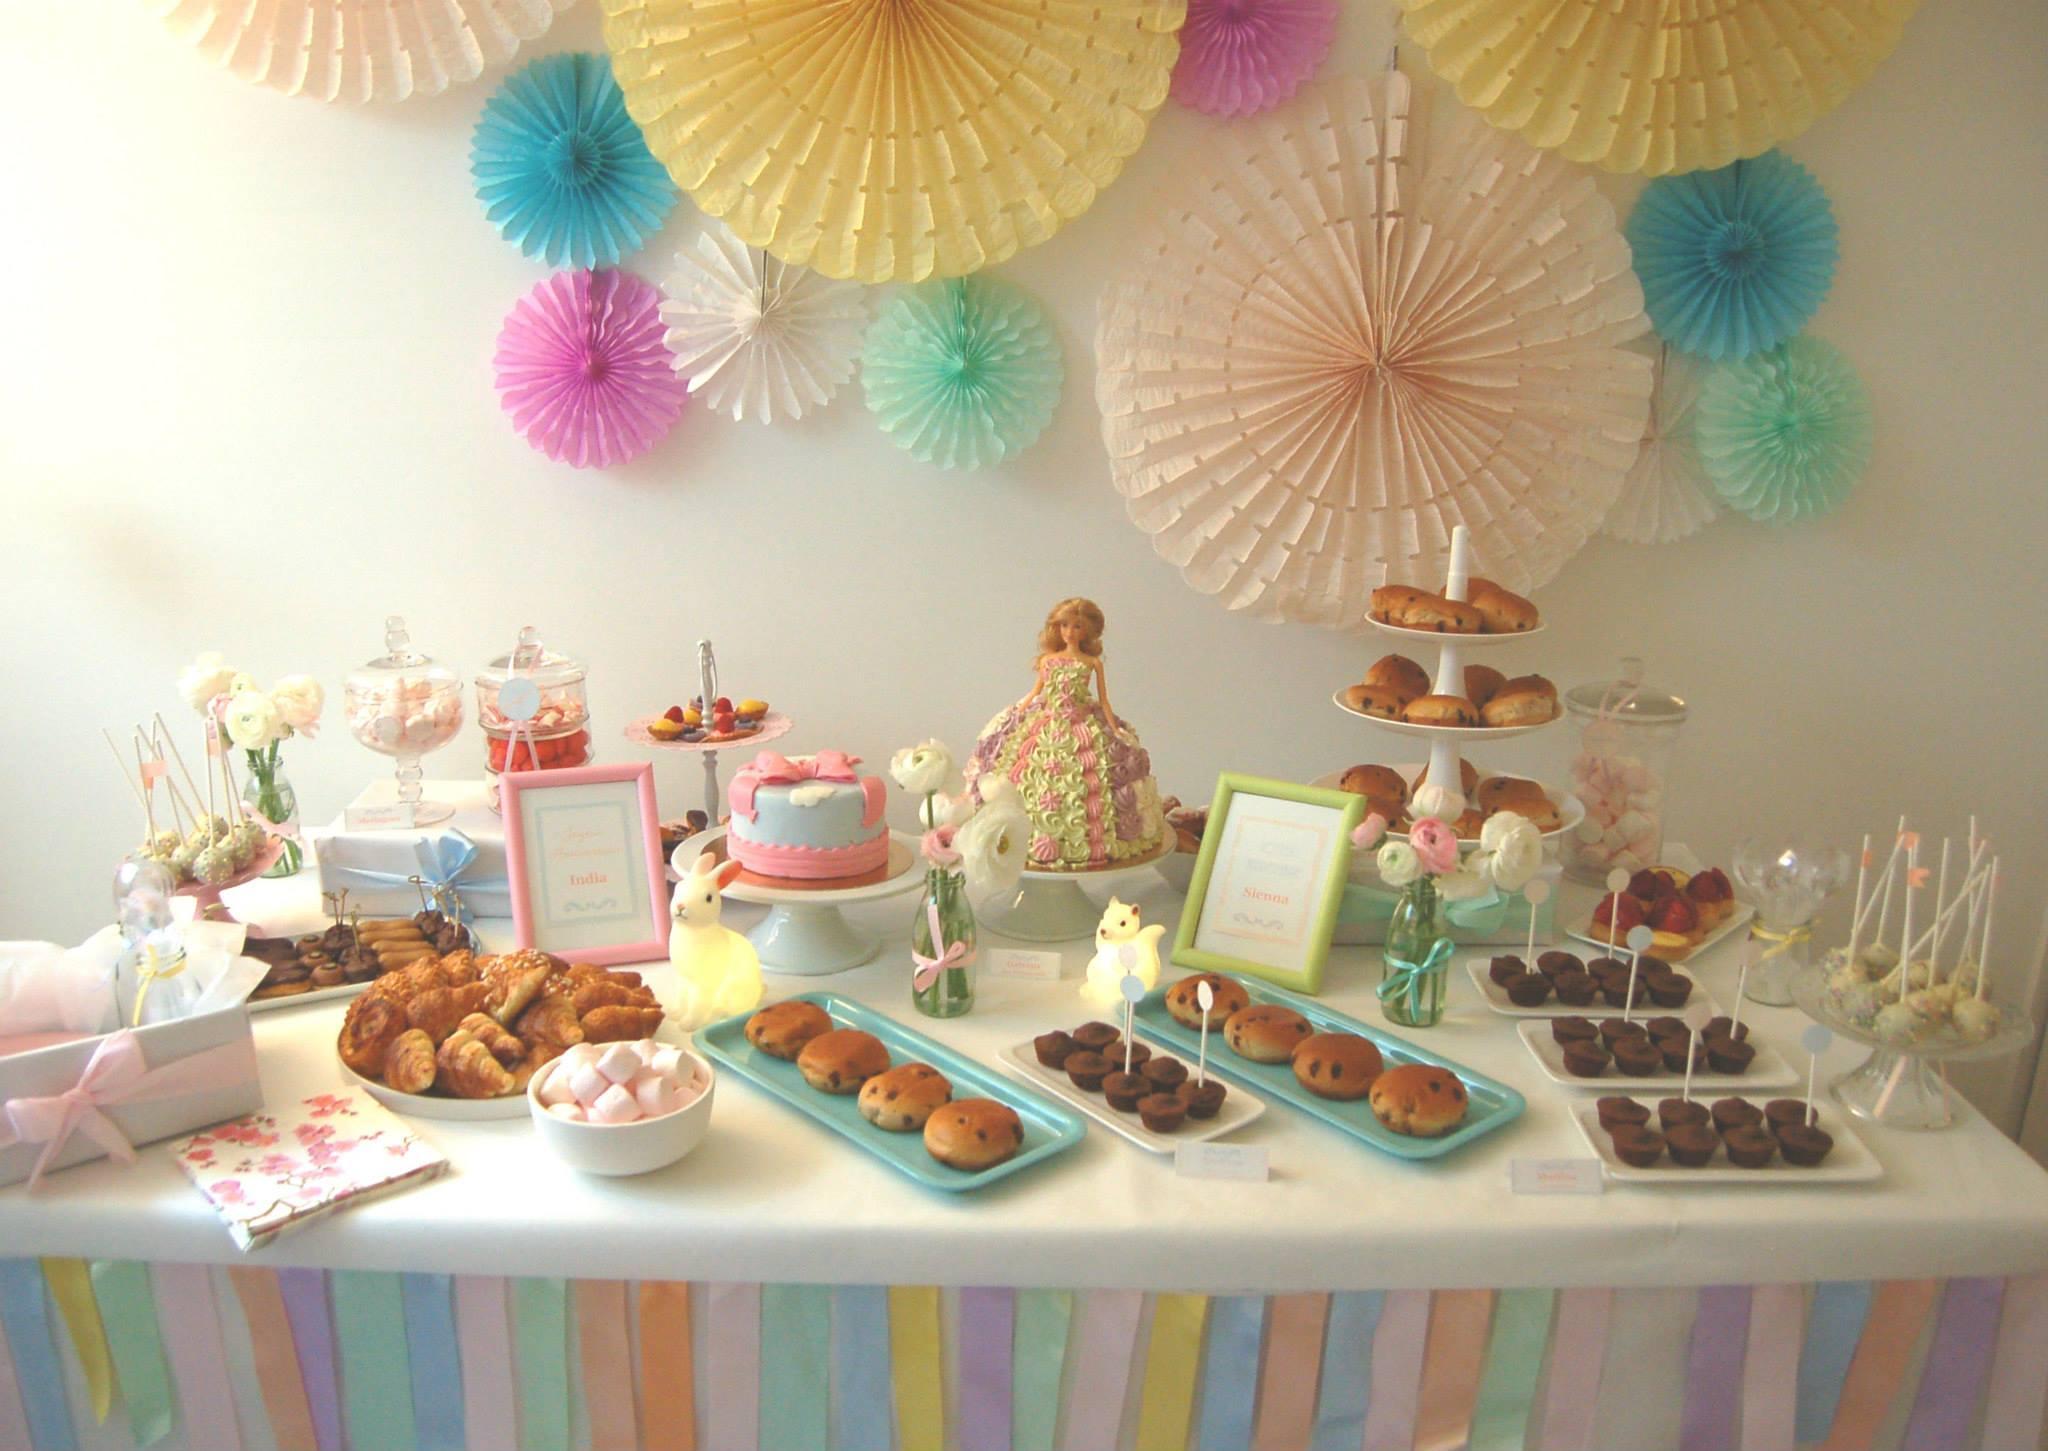 Comment d corer une table d anniversaire fashion designs - Comment decorer une table d anniversaire ...